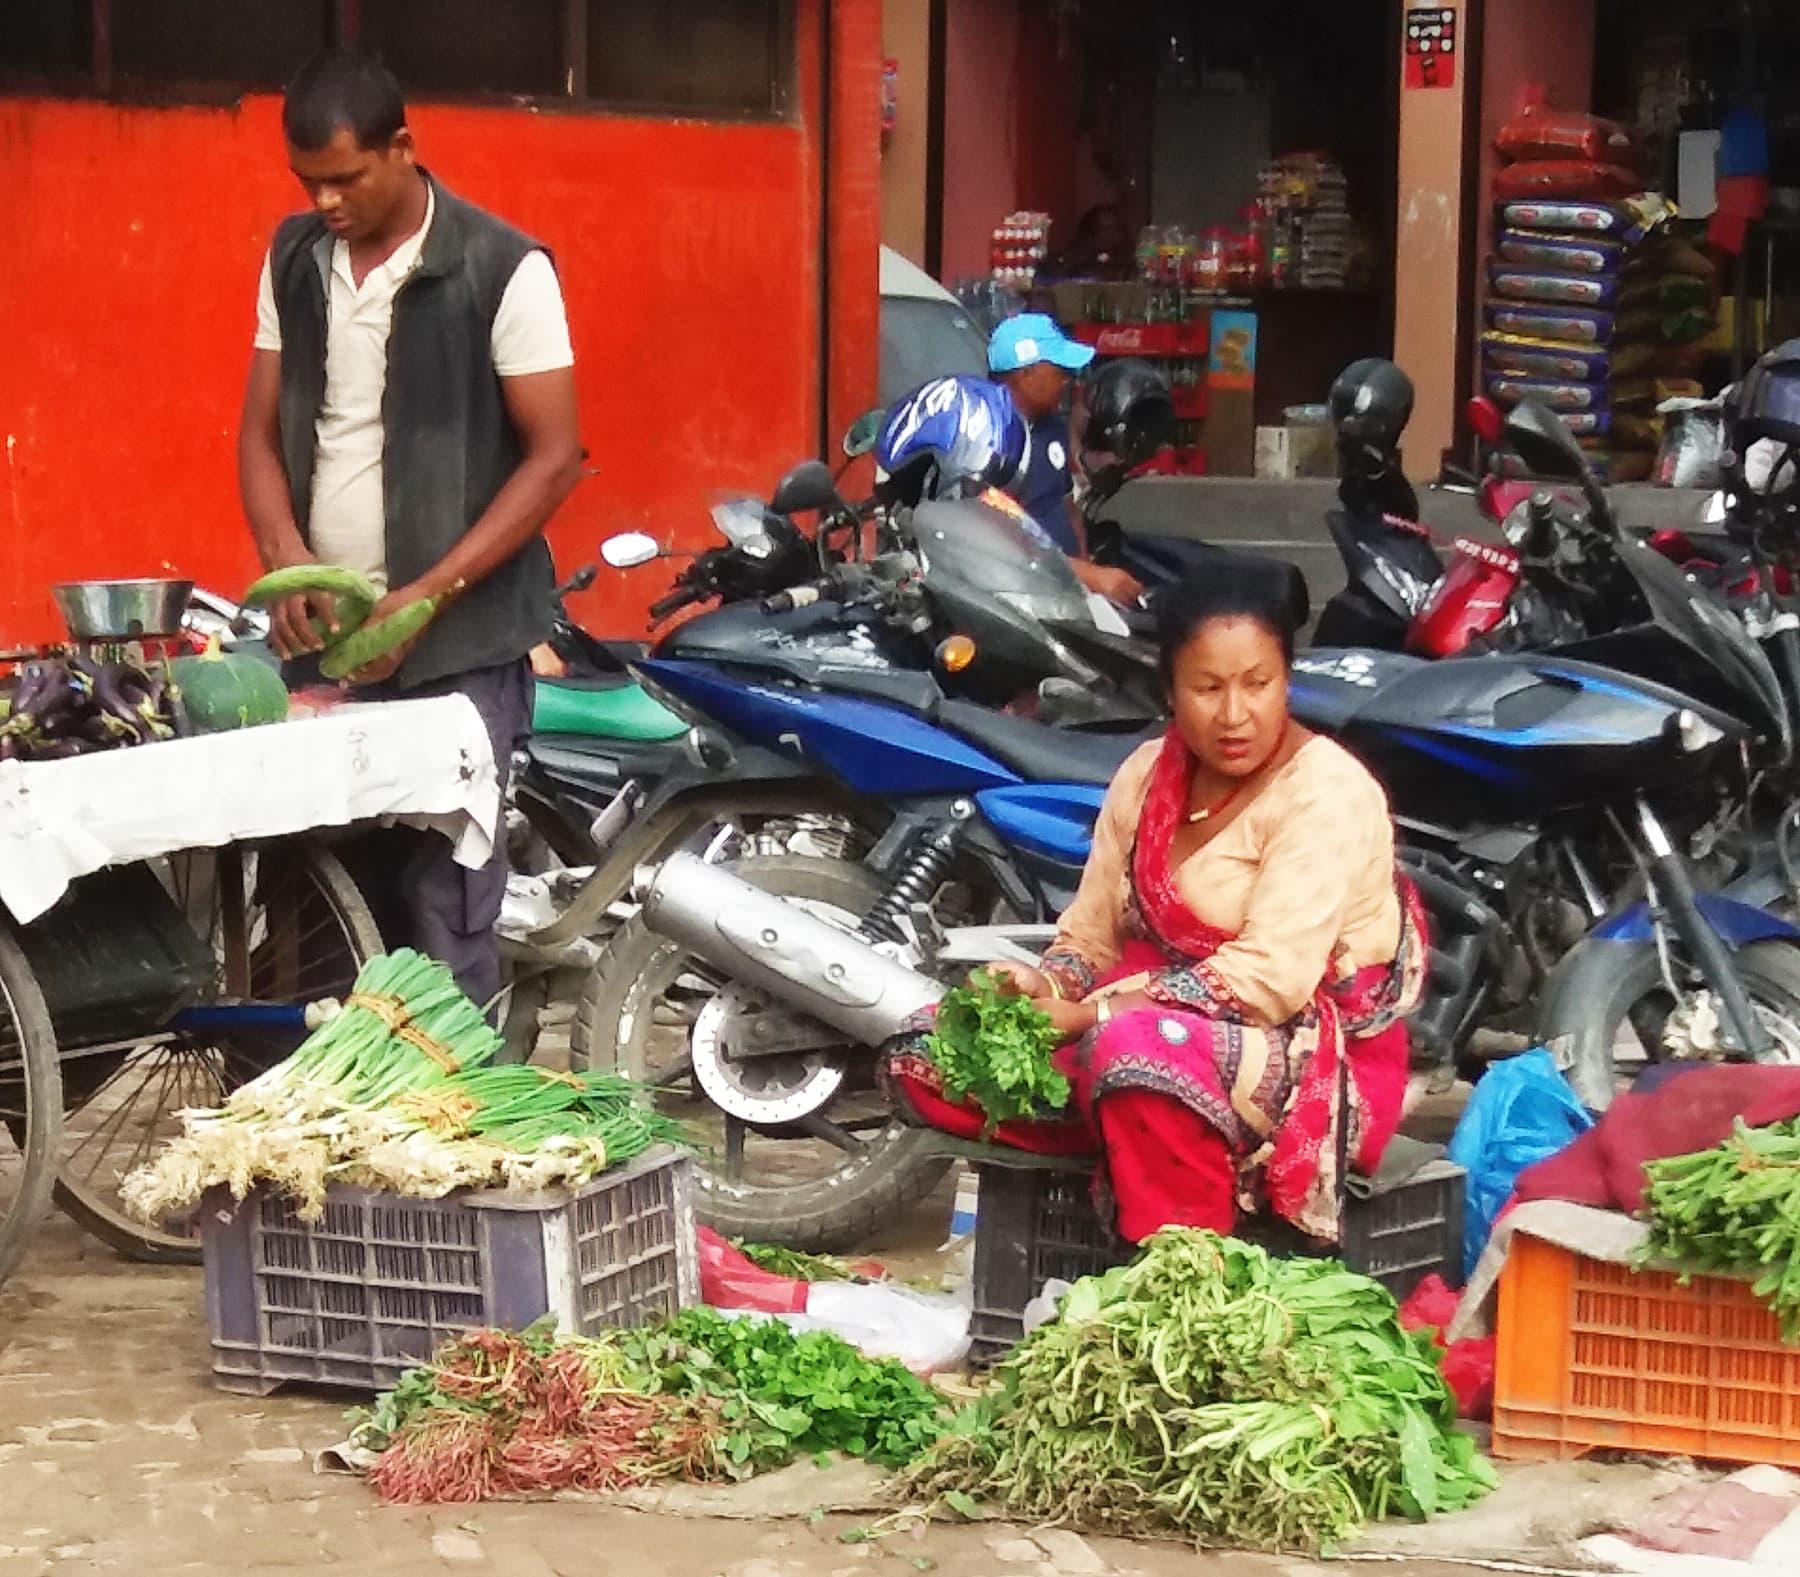 سبزی فروش ایک نیپالی خاتون—تصویر شبینہ فراز